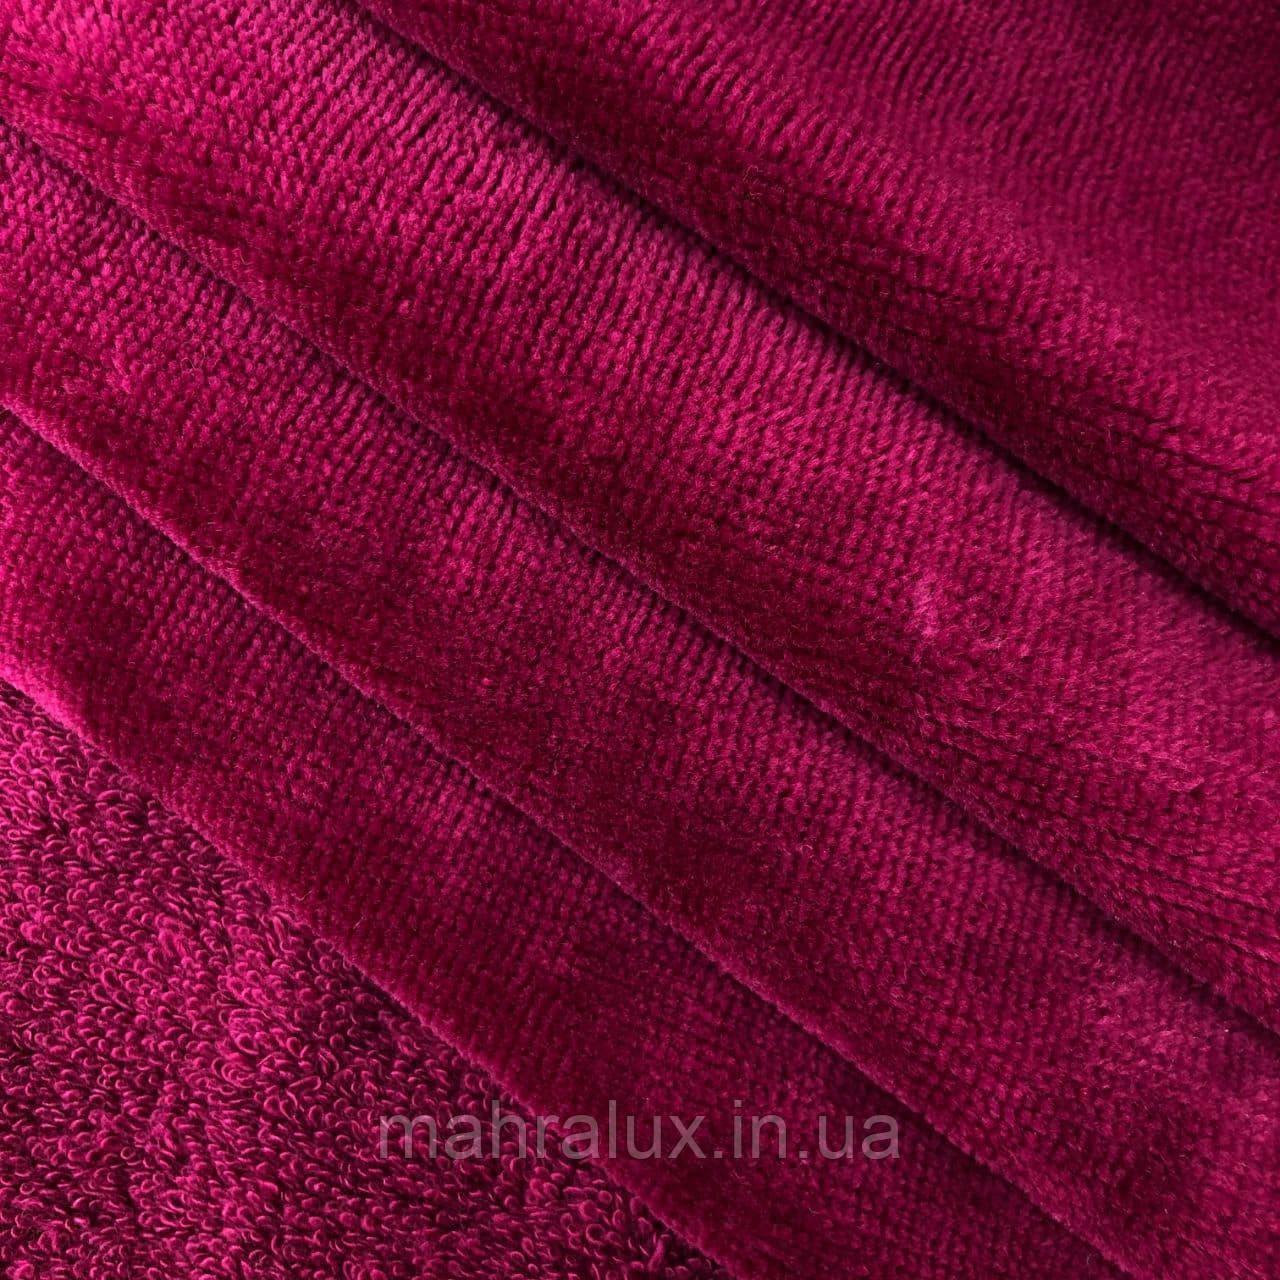 Махра велюр вишнёвое бордо повышенной плотности 500 г/м2